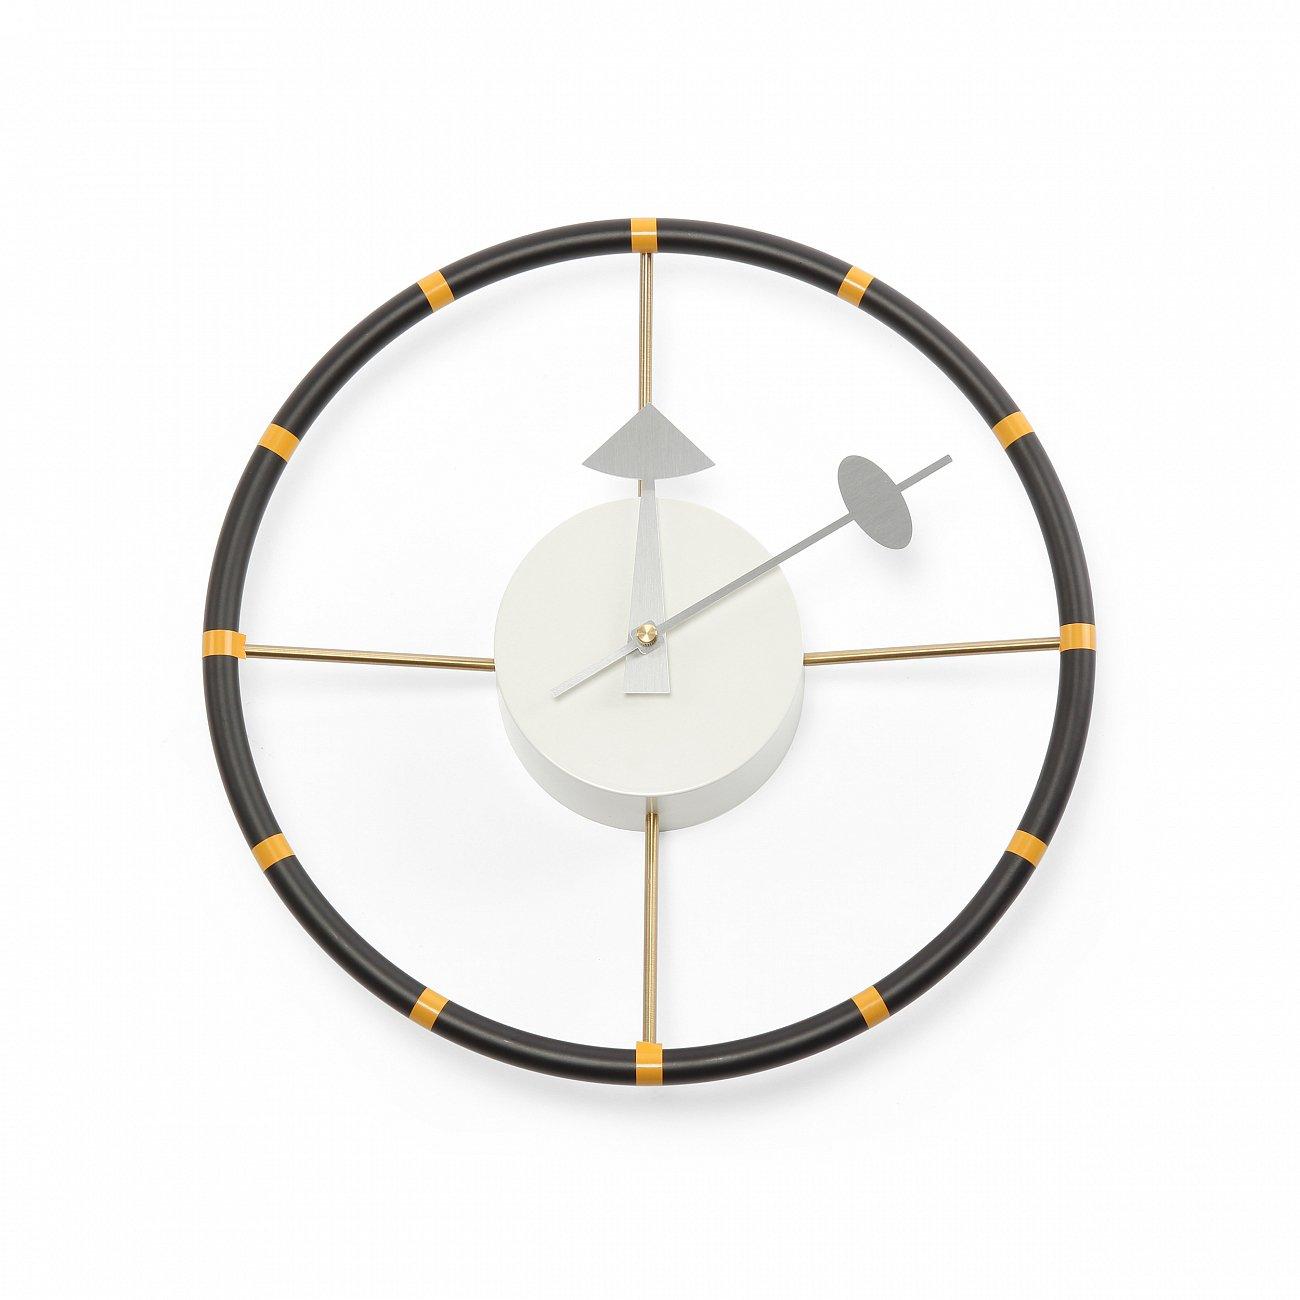 Купить Часы Steering Wheel настенные в интернет магазине дизайнерской мебели и аксессуаров для дома и дачи